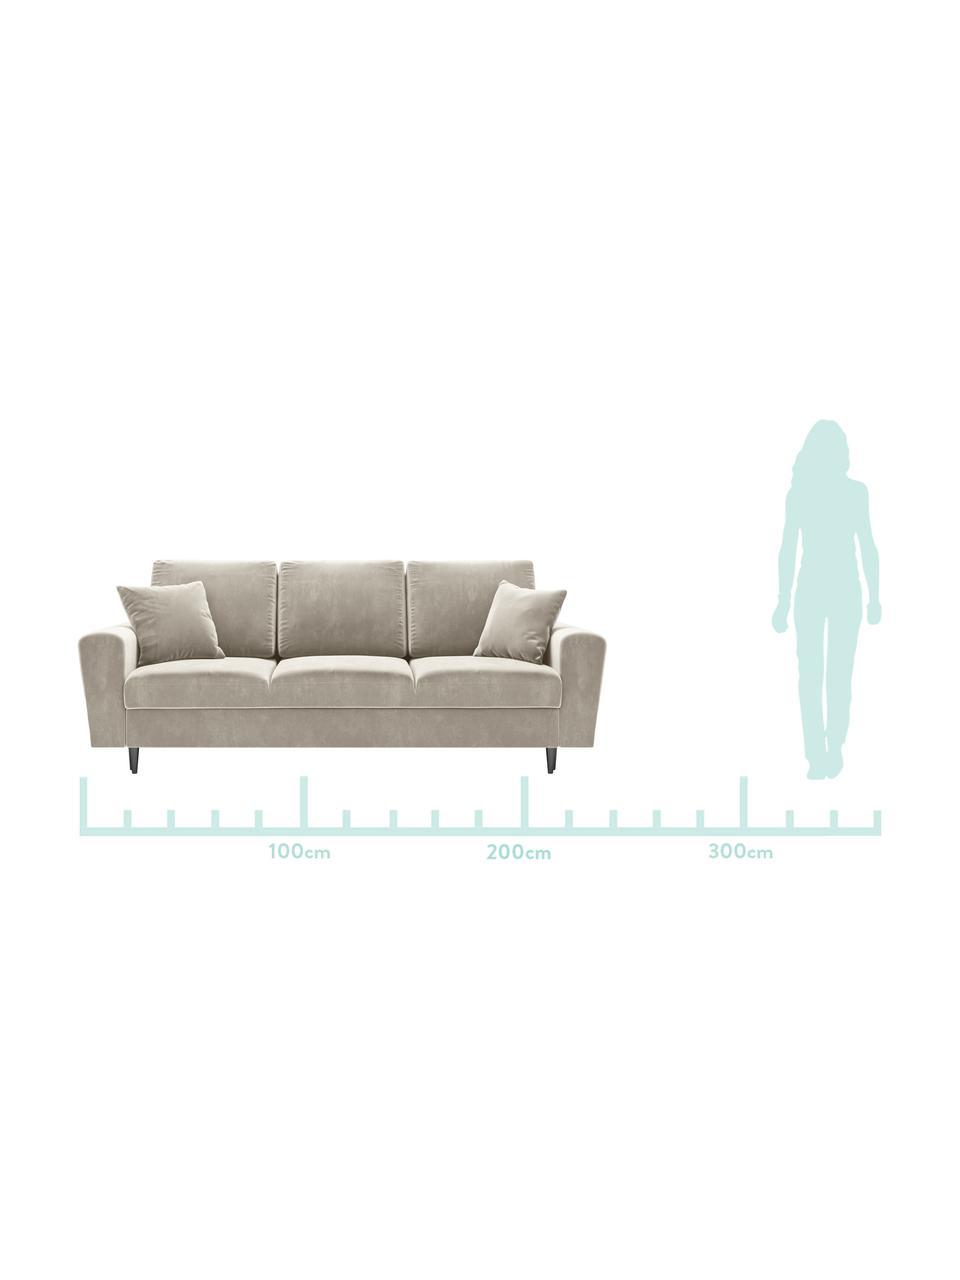 Sofa z funkcją spania z miejscem do przechowywania Moghan (3-osobowa), Tapicerka: aksamit poliestrowy Dzięk, Stelaż: lite drewno sosnowe, skle, Nogi: metal lakierowany, Beżowy, czarny, S 235 x G 100 cm